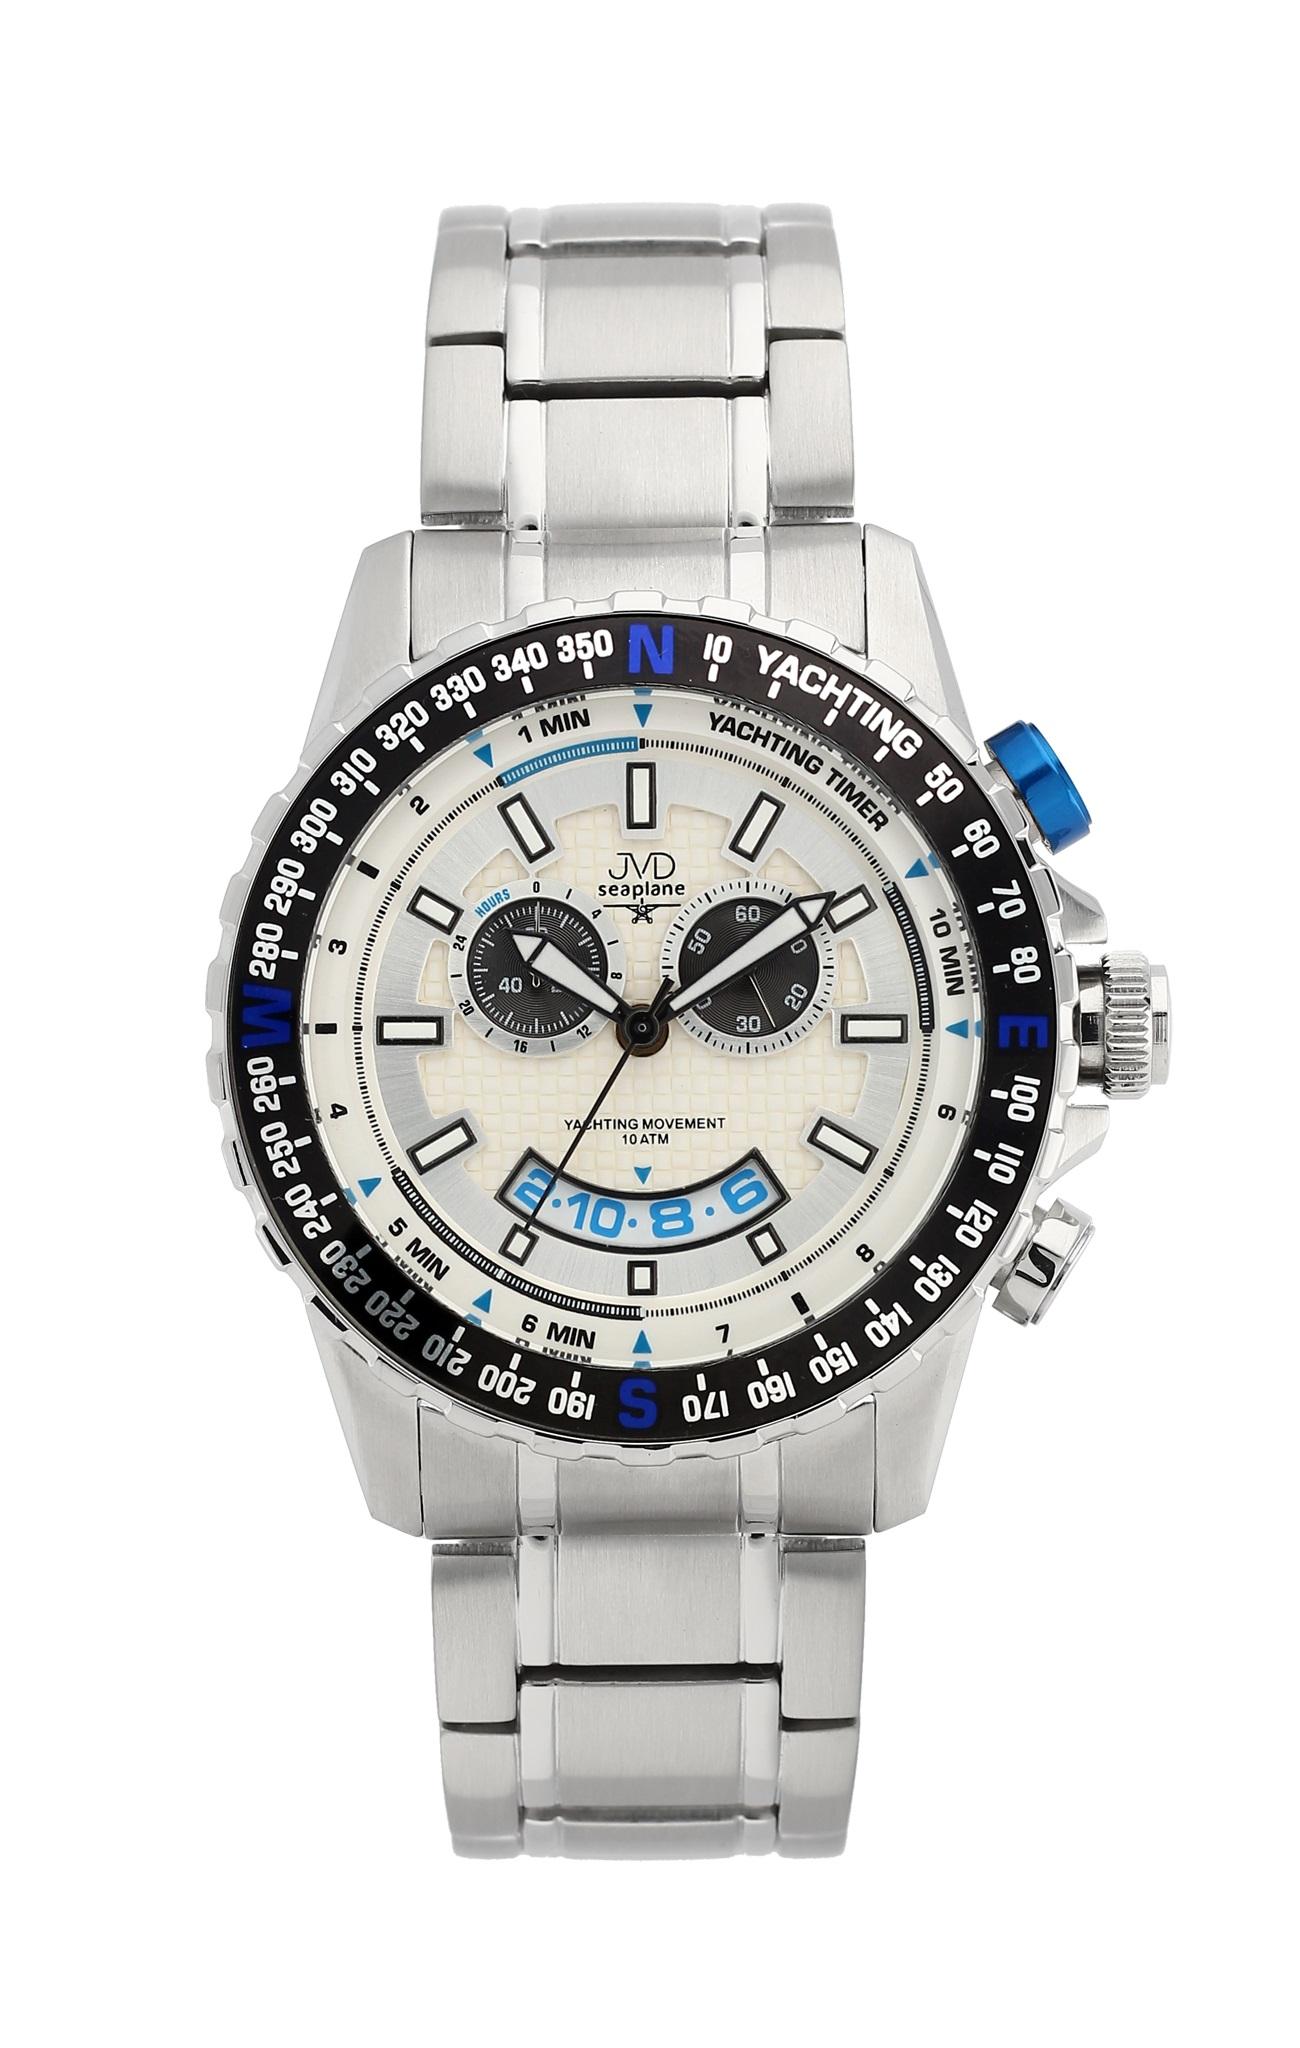 Vysoce odolené sportovní vodotěsné hodinky JVD seaplane J1096.1 - chronograf POŠTOVNÉ ZDARMA!